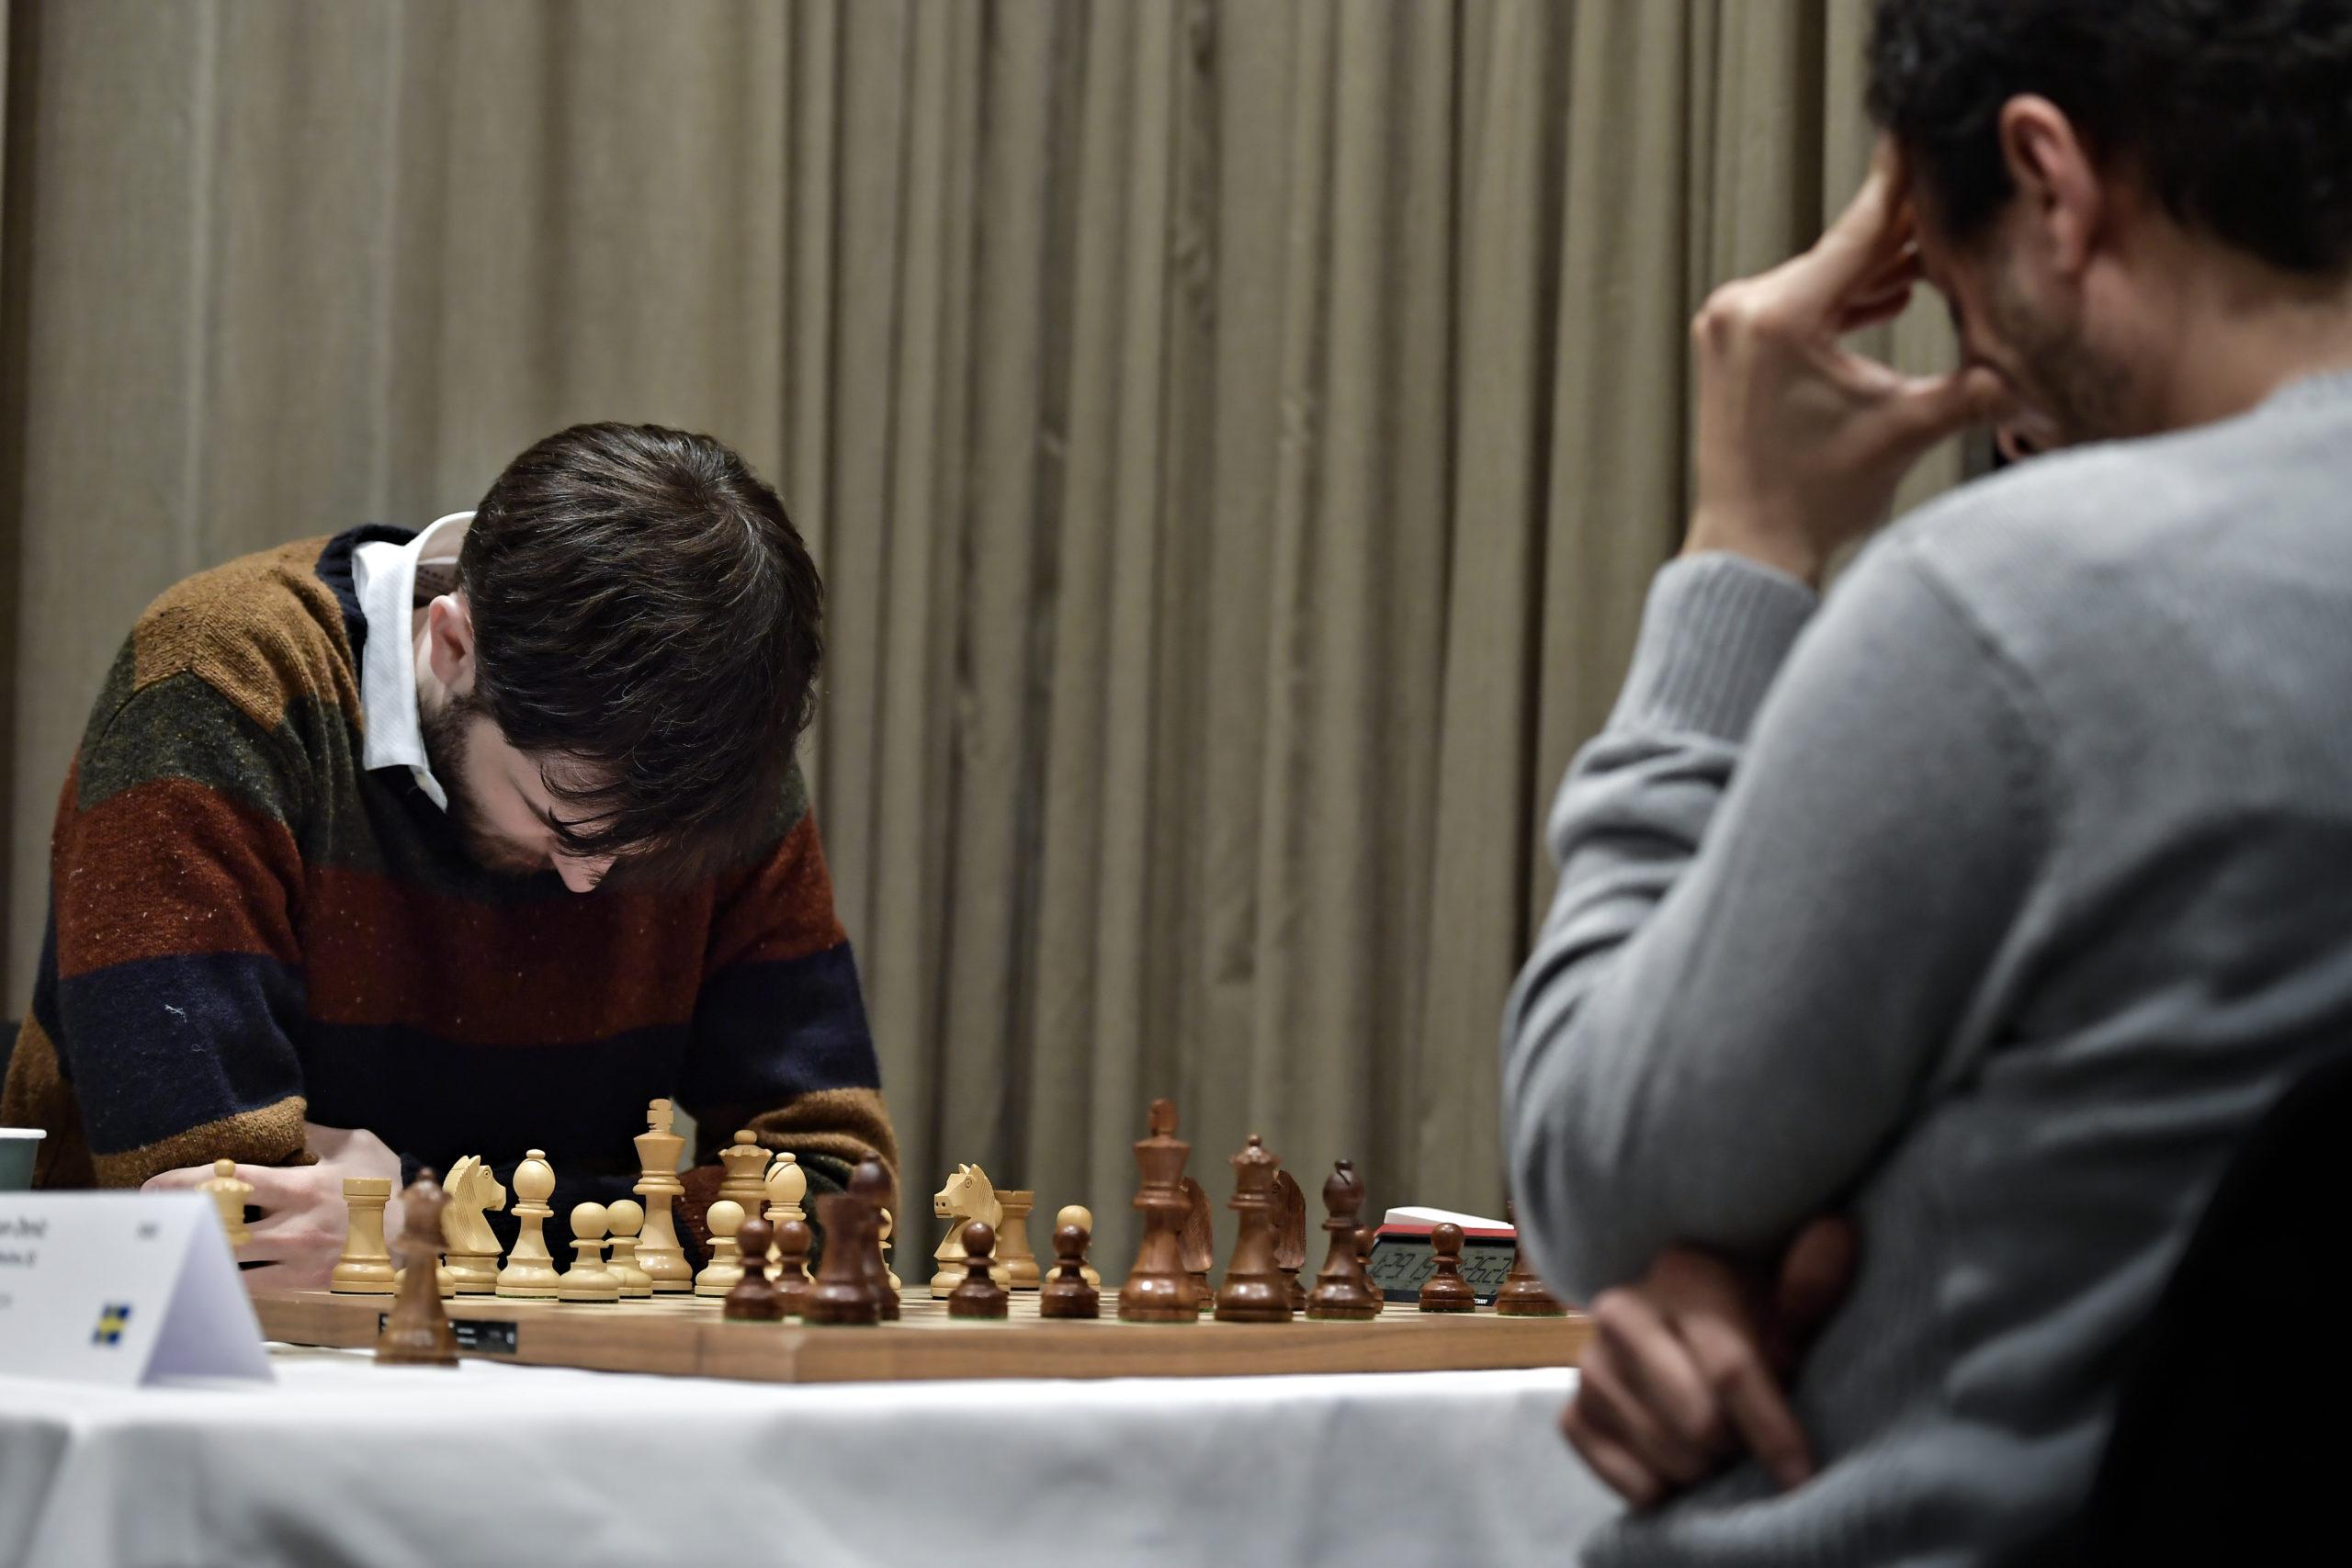 Två män spelar schack. Båda hänger ned med huvudena. En har på sig en randig tröja med gult, rött, blått och grönt. Den andra har på sig en grå tröja